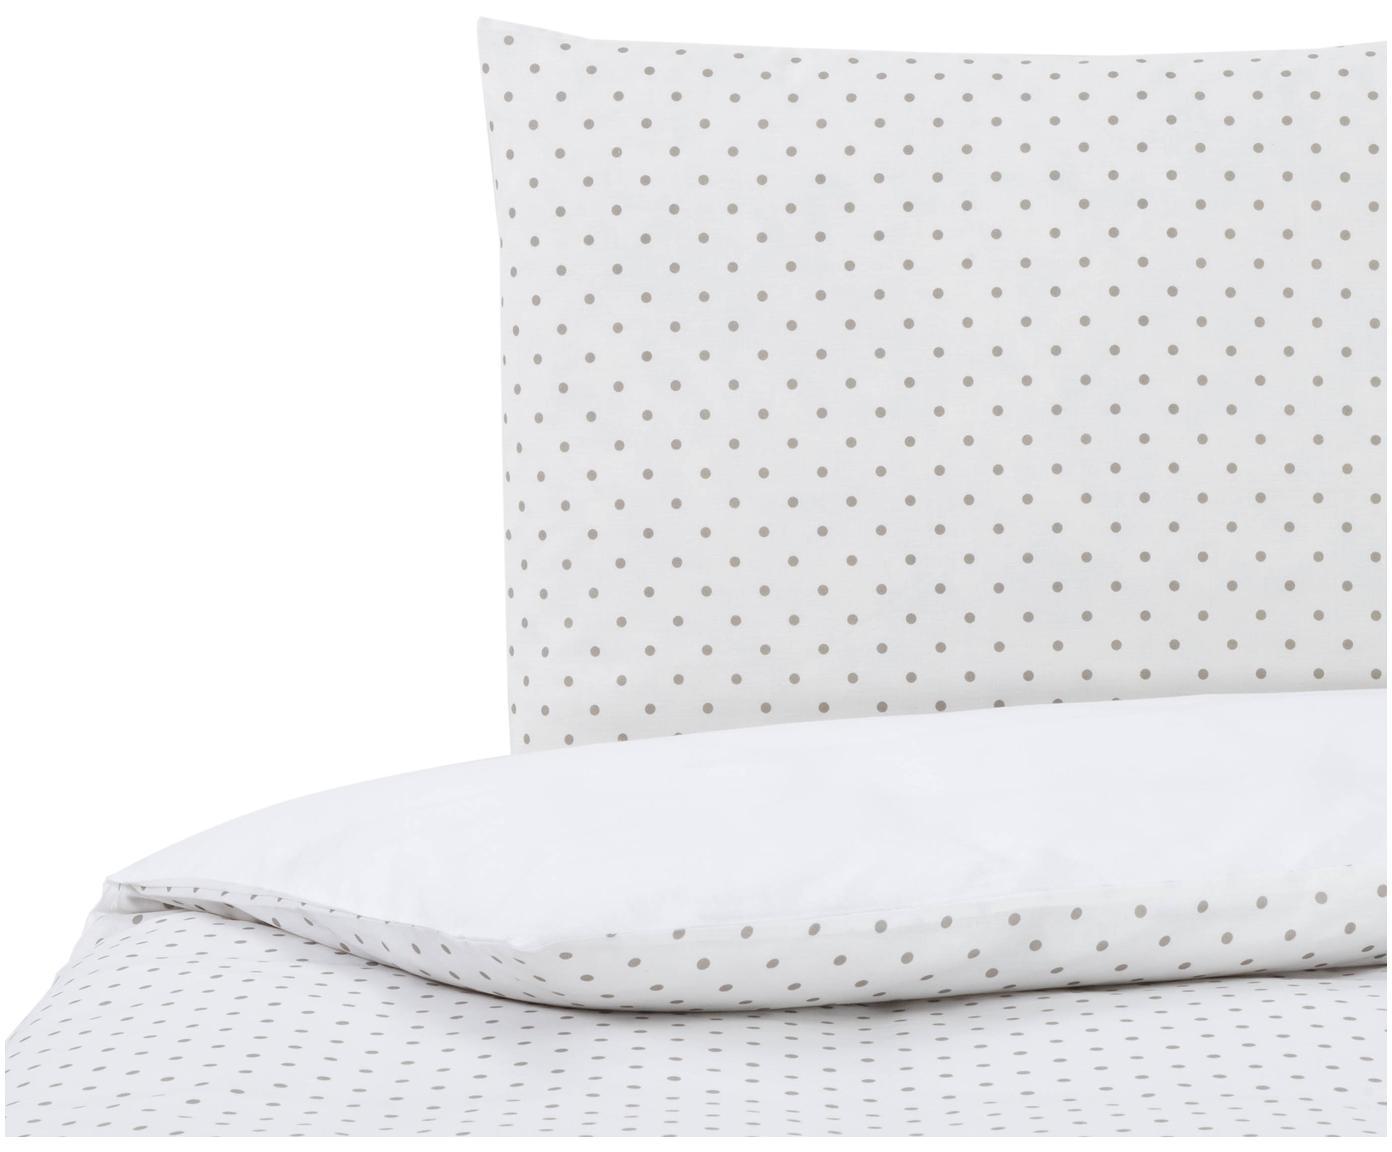 Dubbelzijdig dekbedovertrek Lilca, Katoen, Bovenzijde: wit, grijs. Onderzijde: wit, 140 x 200 cm